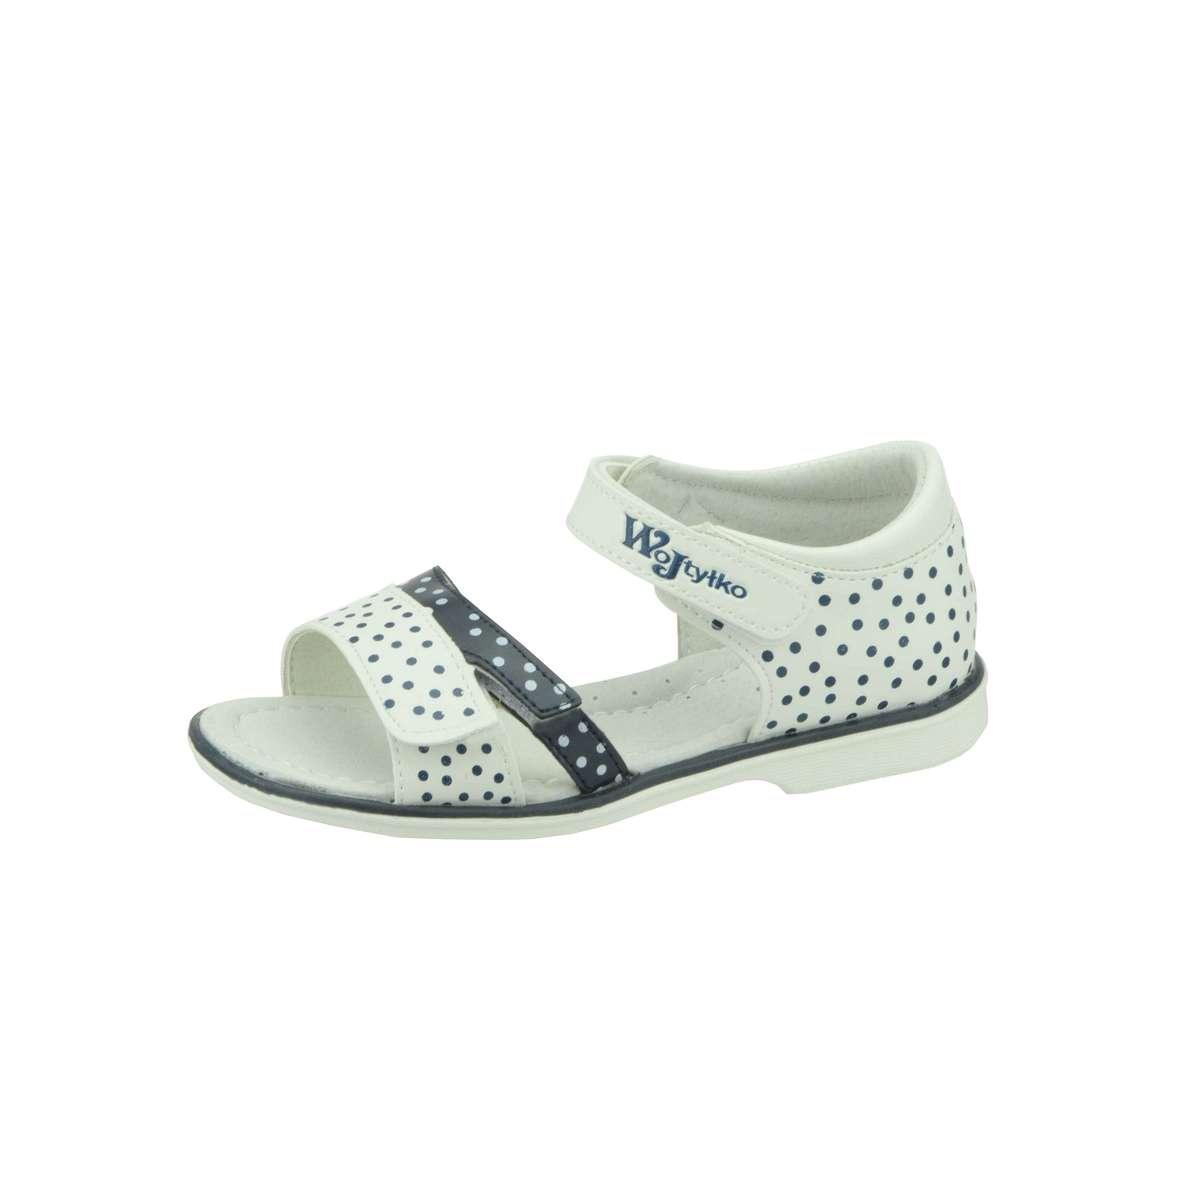 c0aecb7a684 Dívčí vycházková sandálka AS 3S1228B